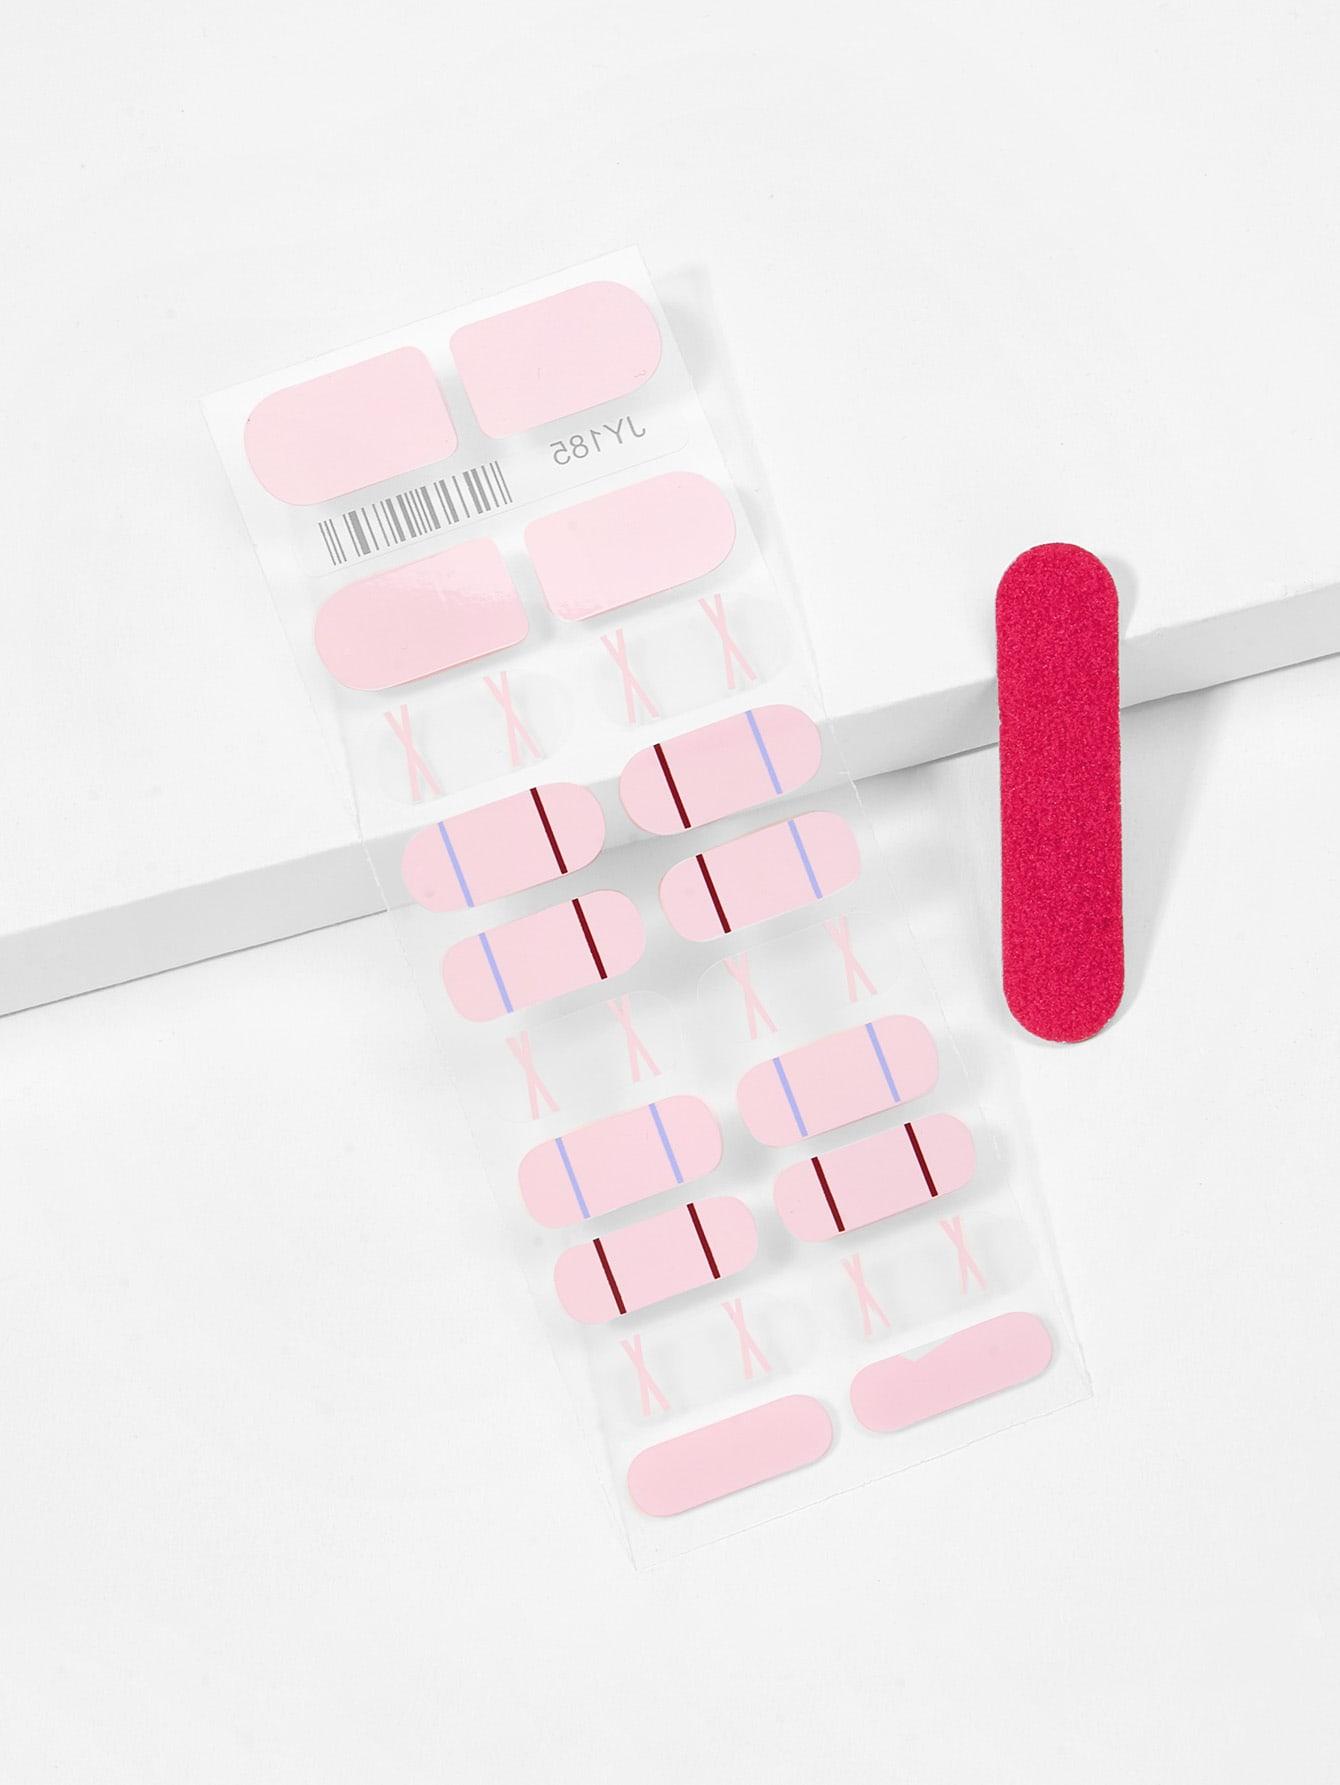 Купить Наклейка для ногтей с рисунками перекрестных линий и пилочка для ногтей, null, SheIn